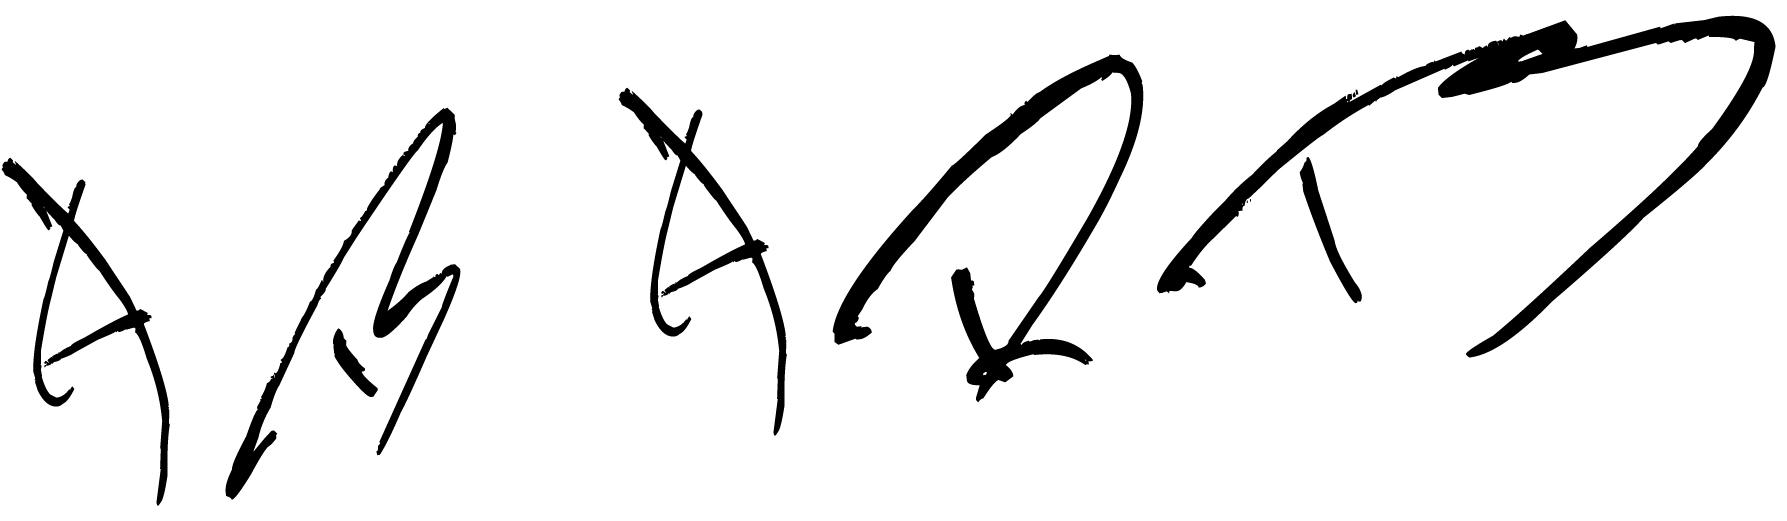 ab.zain1994's Signature